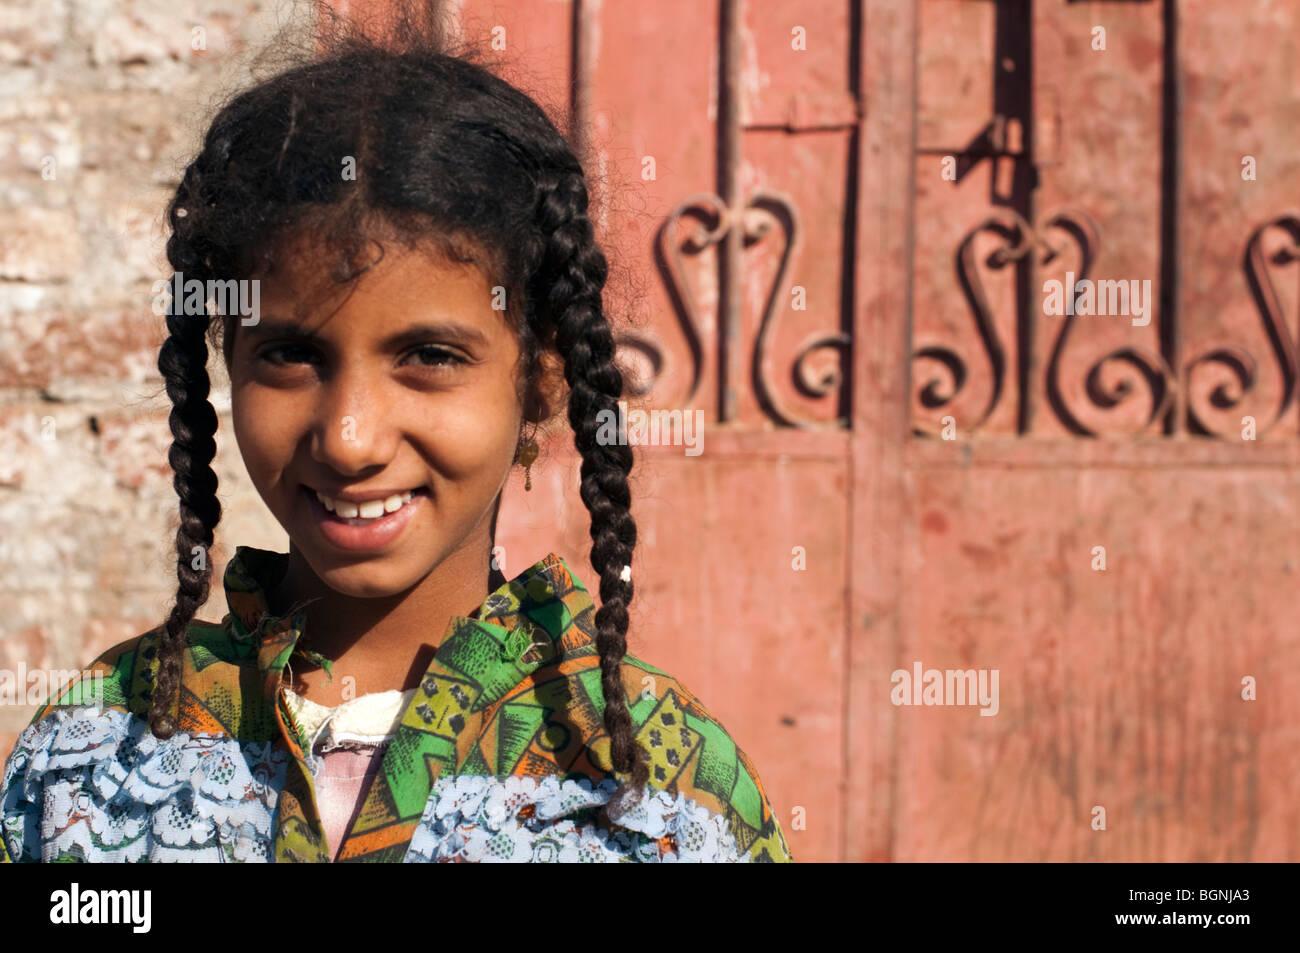 Jeune lycéenne égyptien posant devant une porte de fer qui reflète ses tresses. Photo Stock